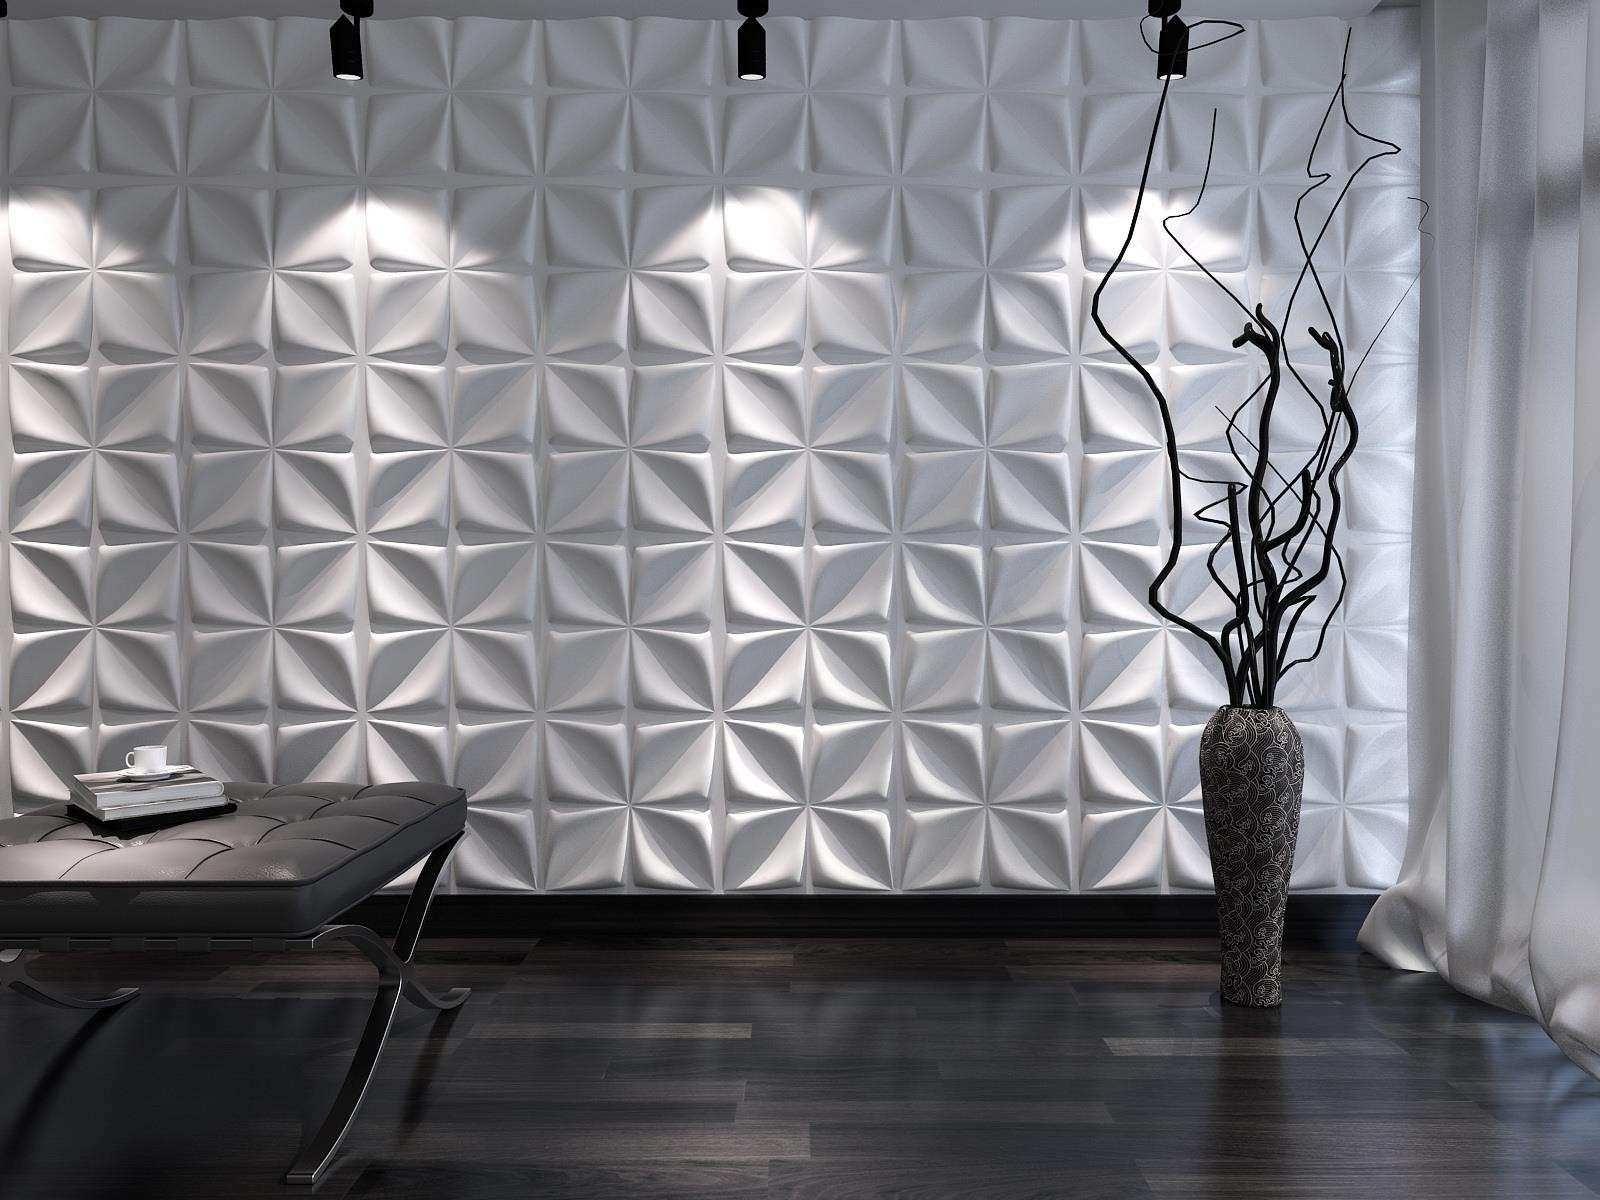 3D Wall Art with regard to Current D Wall Art D 3D Wall Art Decor As Bathroom Wall Decor